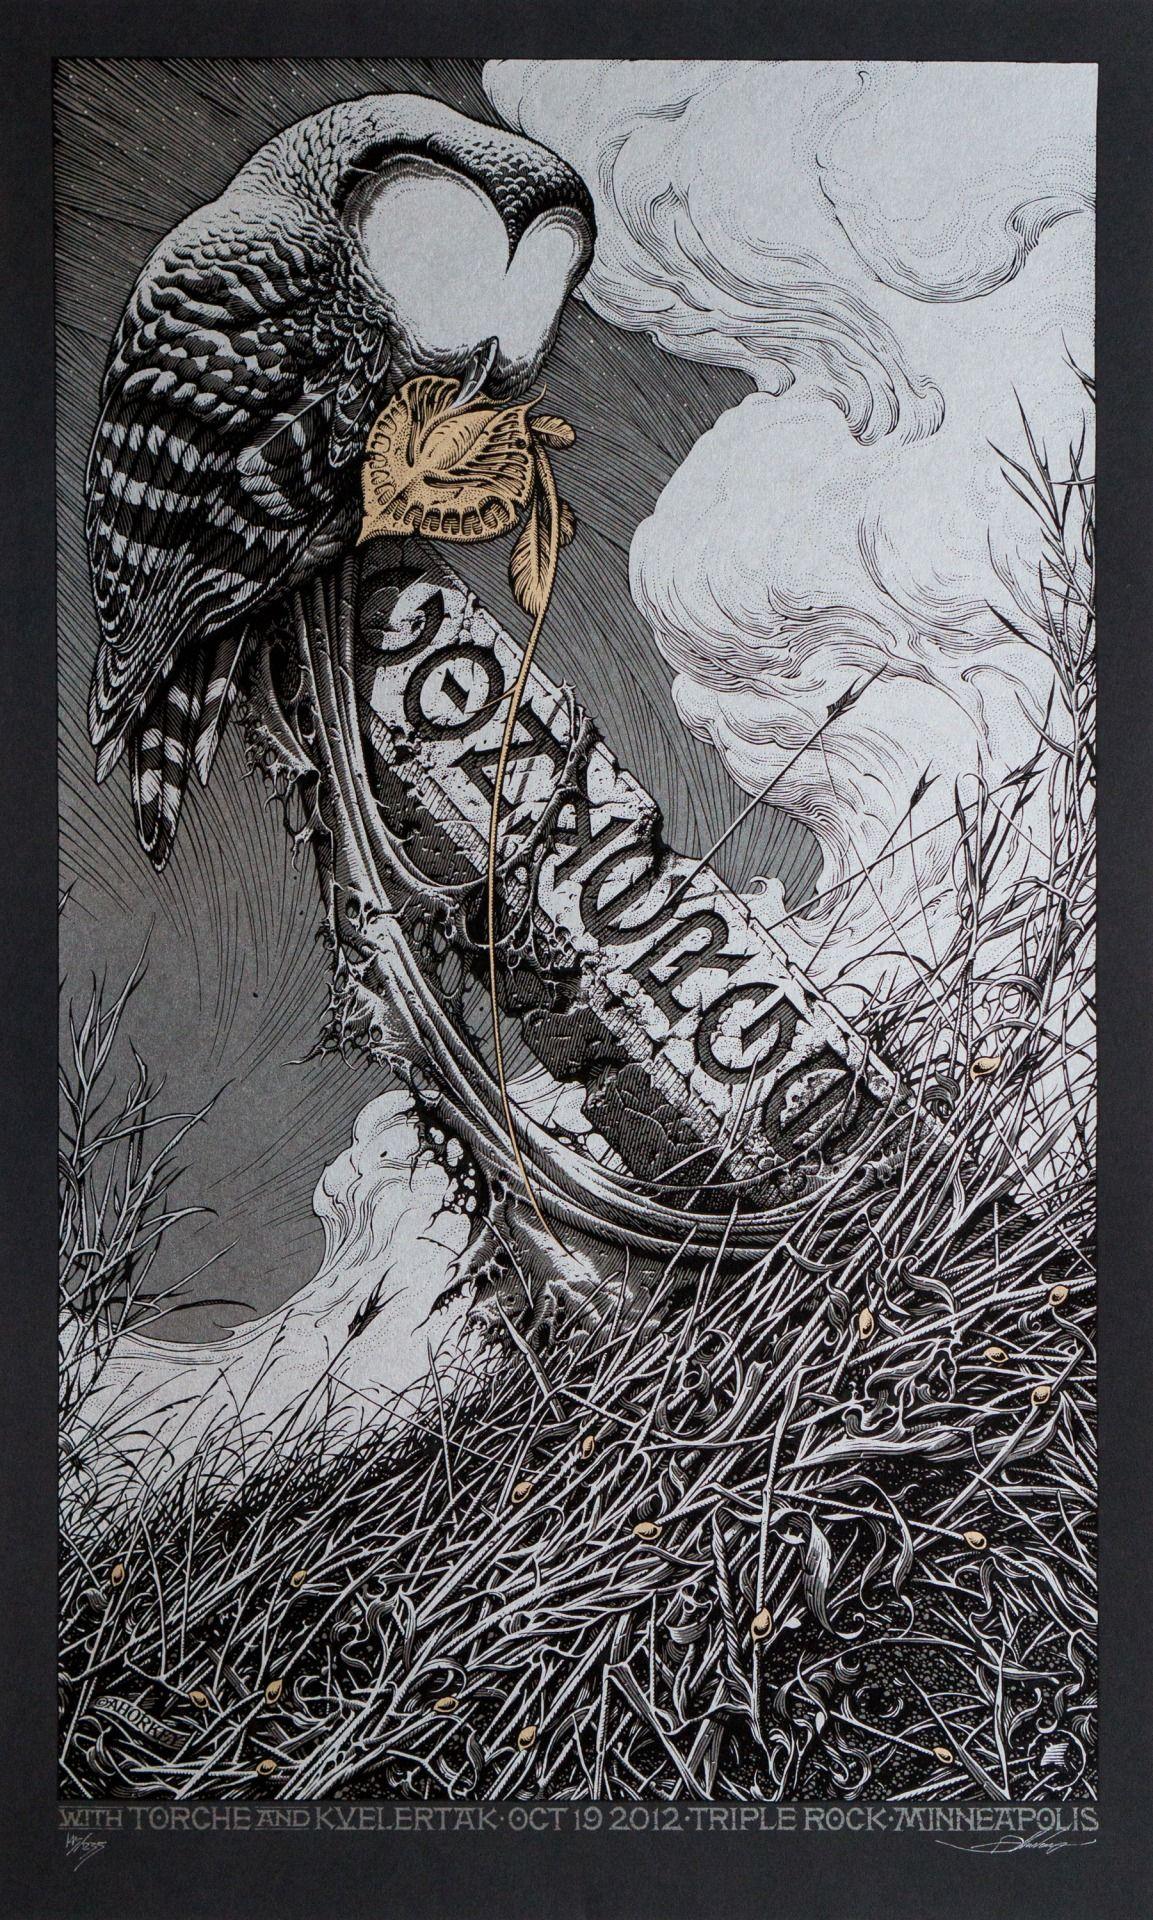 Aaron Horkey Illustrations